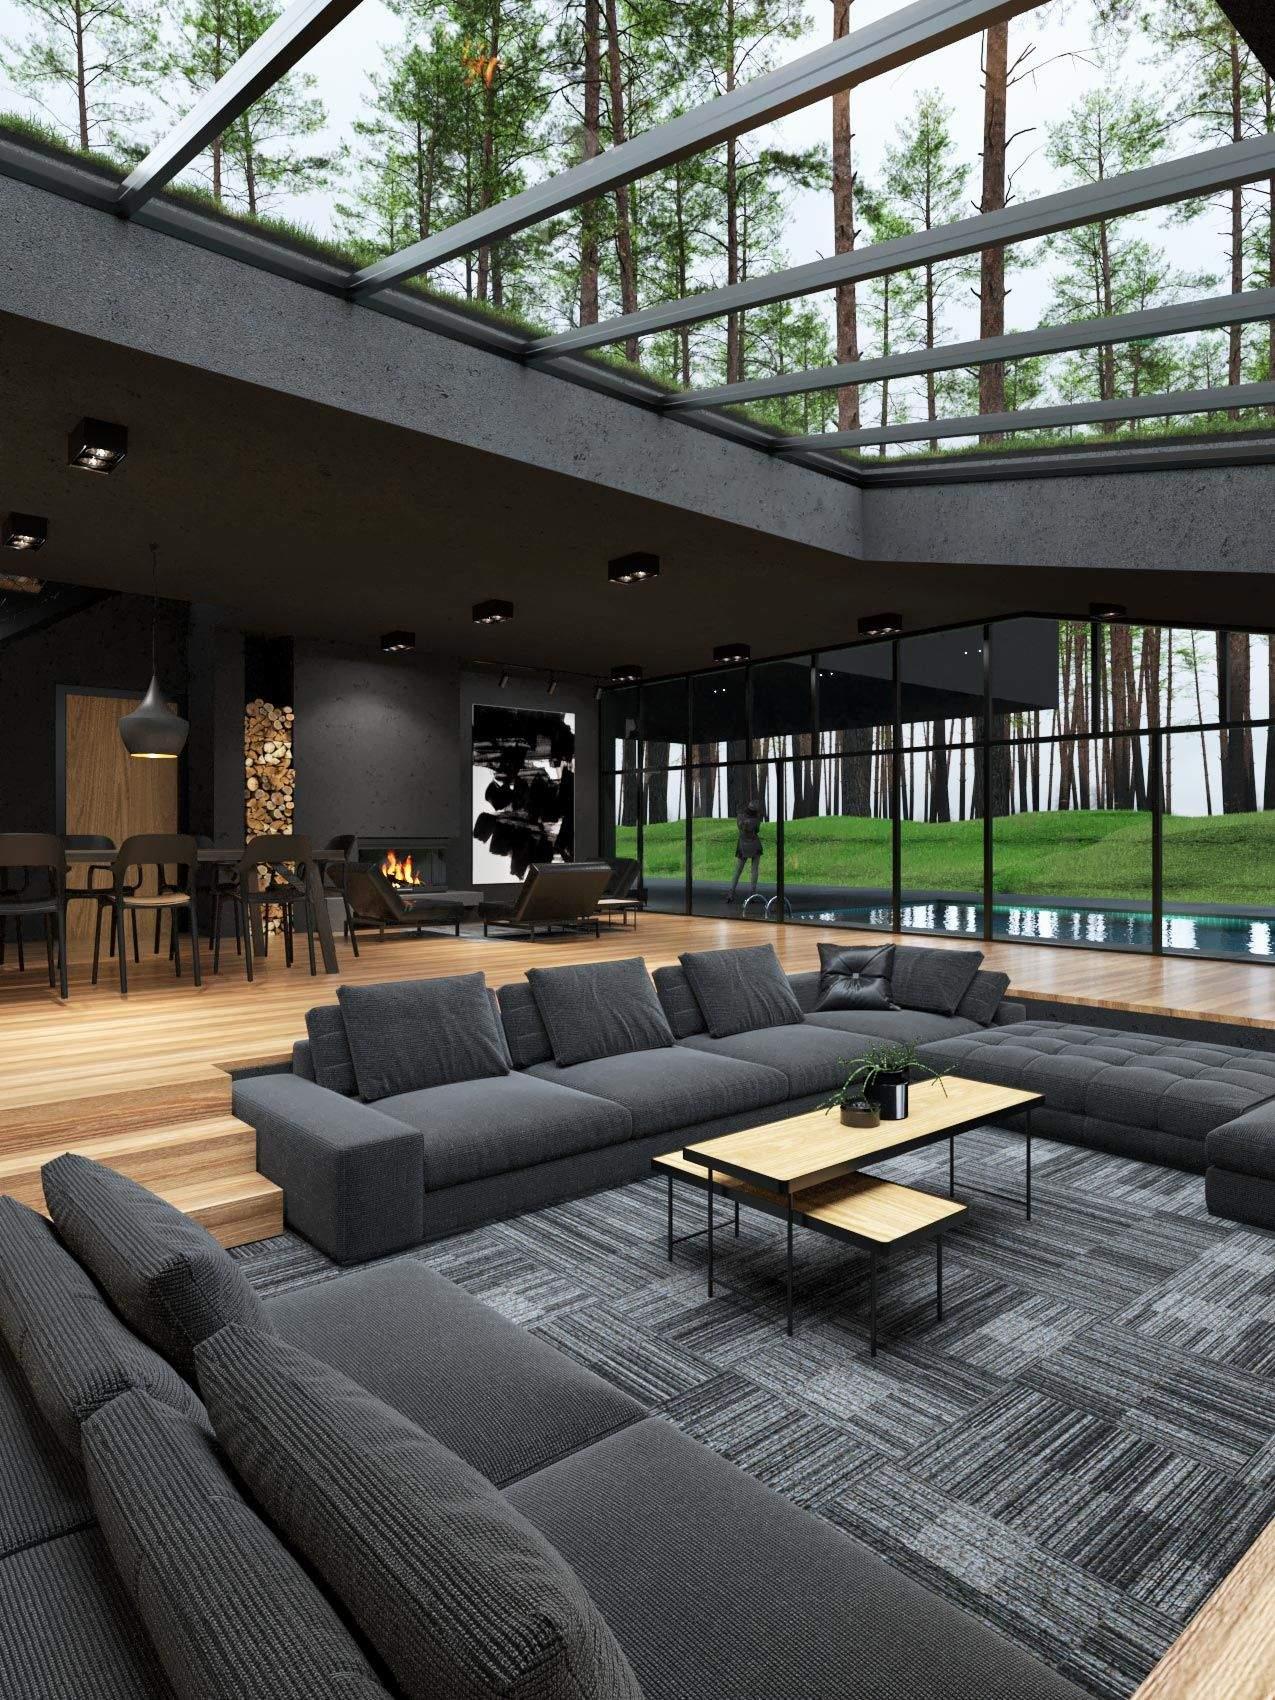 Велика кількість природного освітлення у відпочинковій зоні  / Фото Amazing Architecture